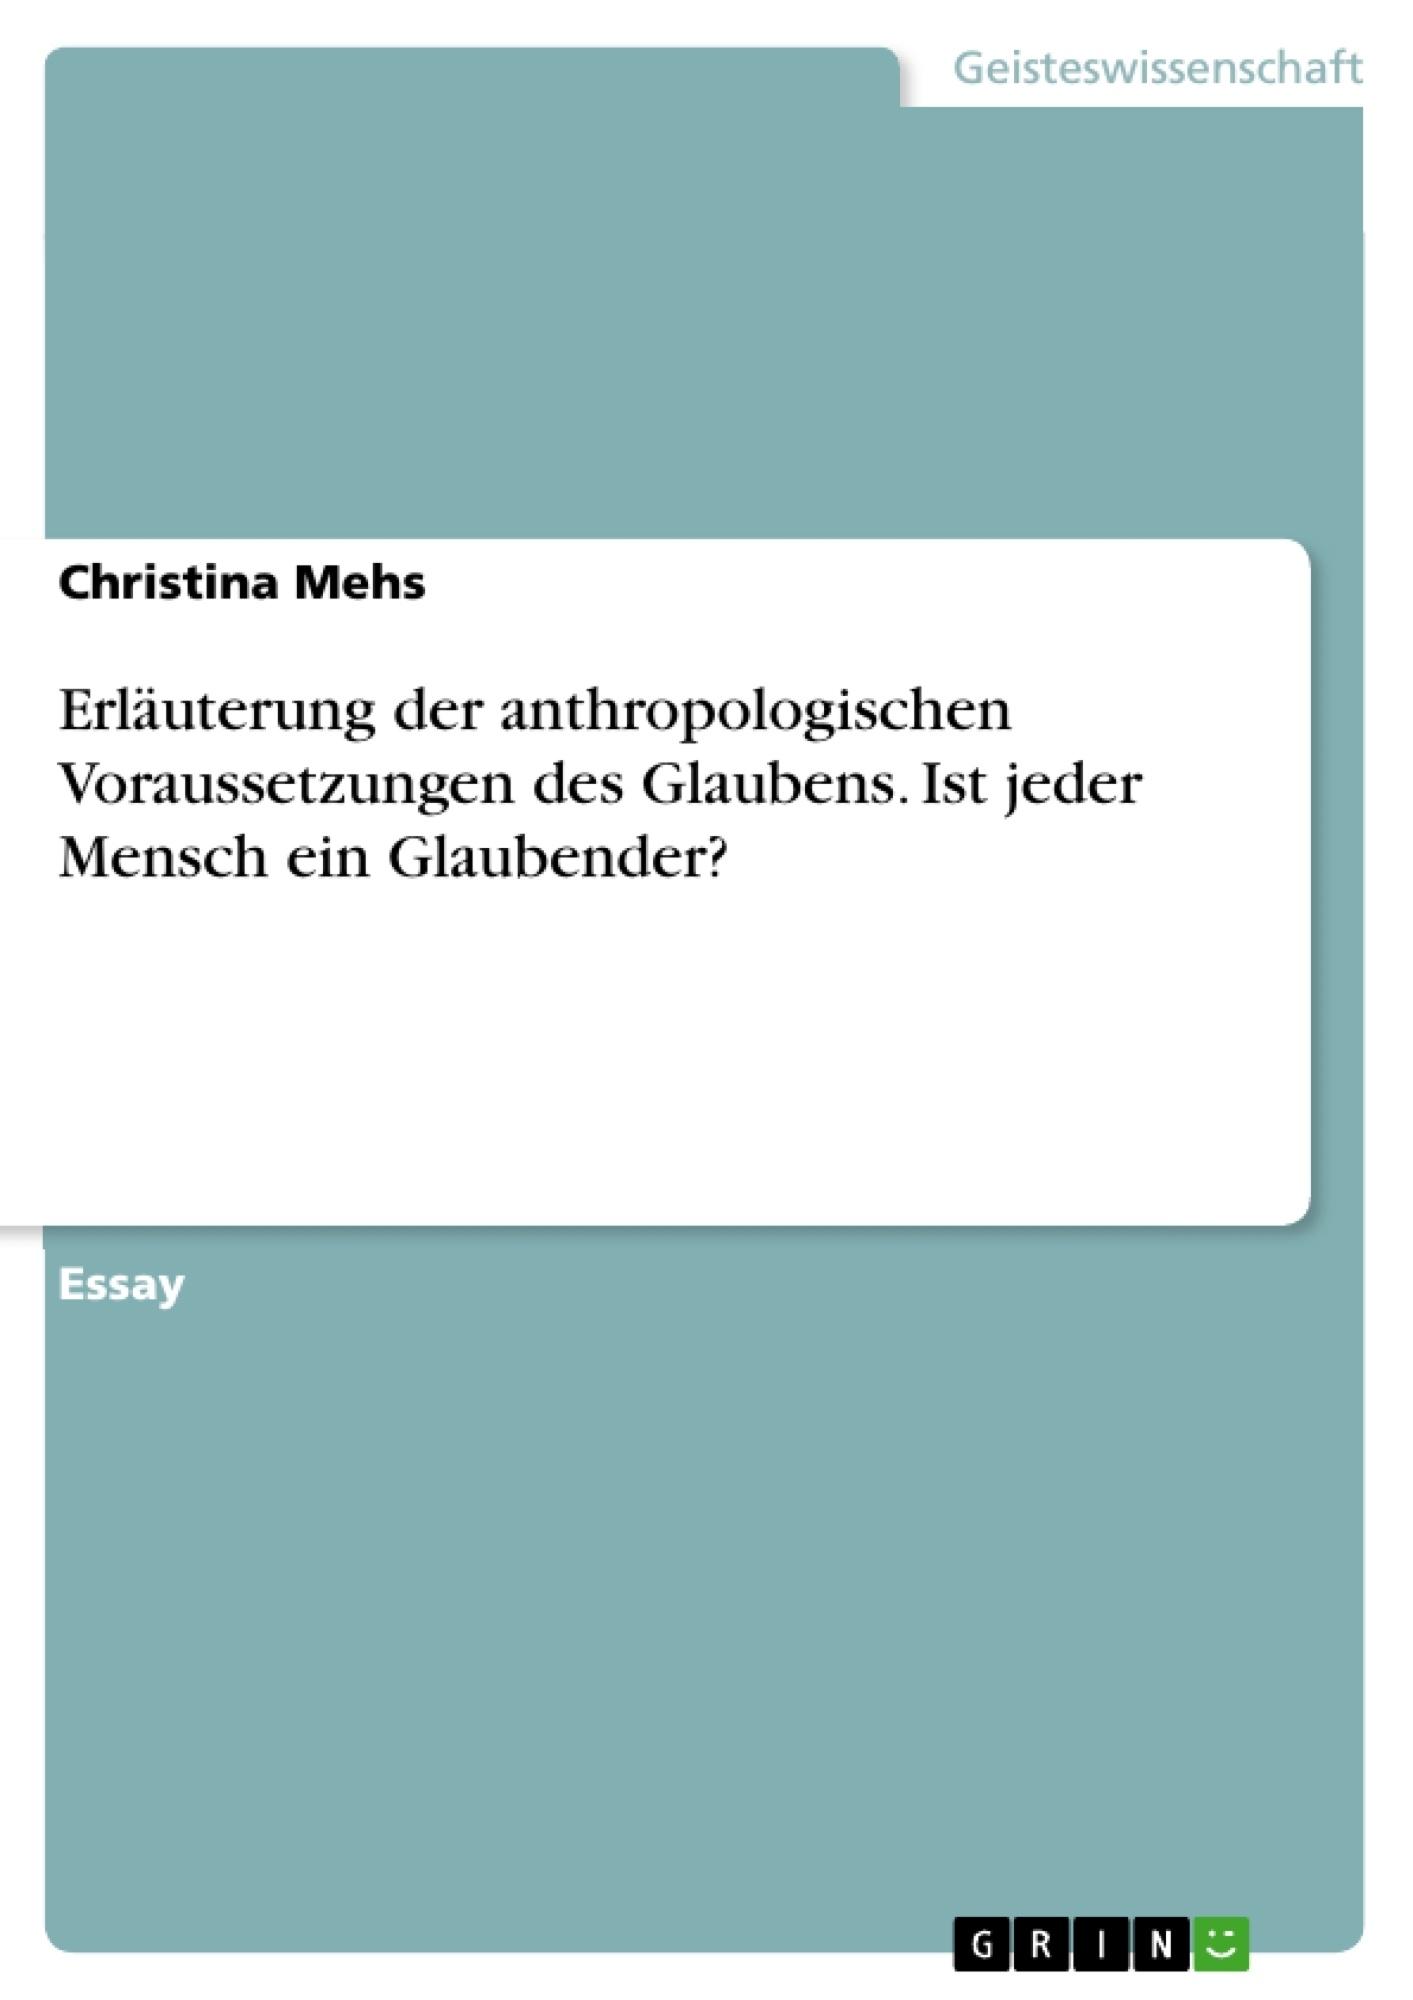 Titel: Erläuterung der anthropologischen Voraussetzungen des Glaubens. Ist jeder Mensch ein Glaubender?